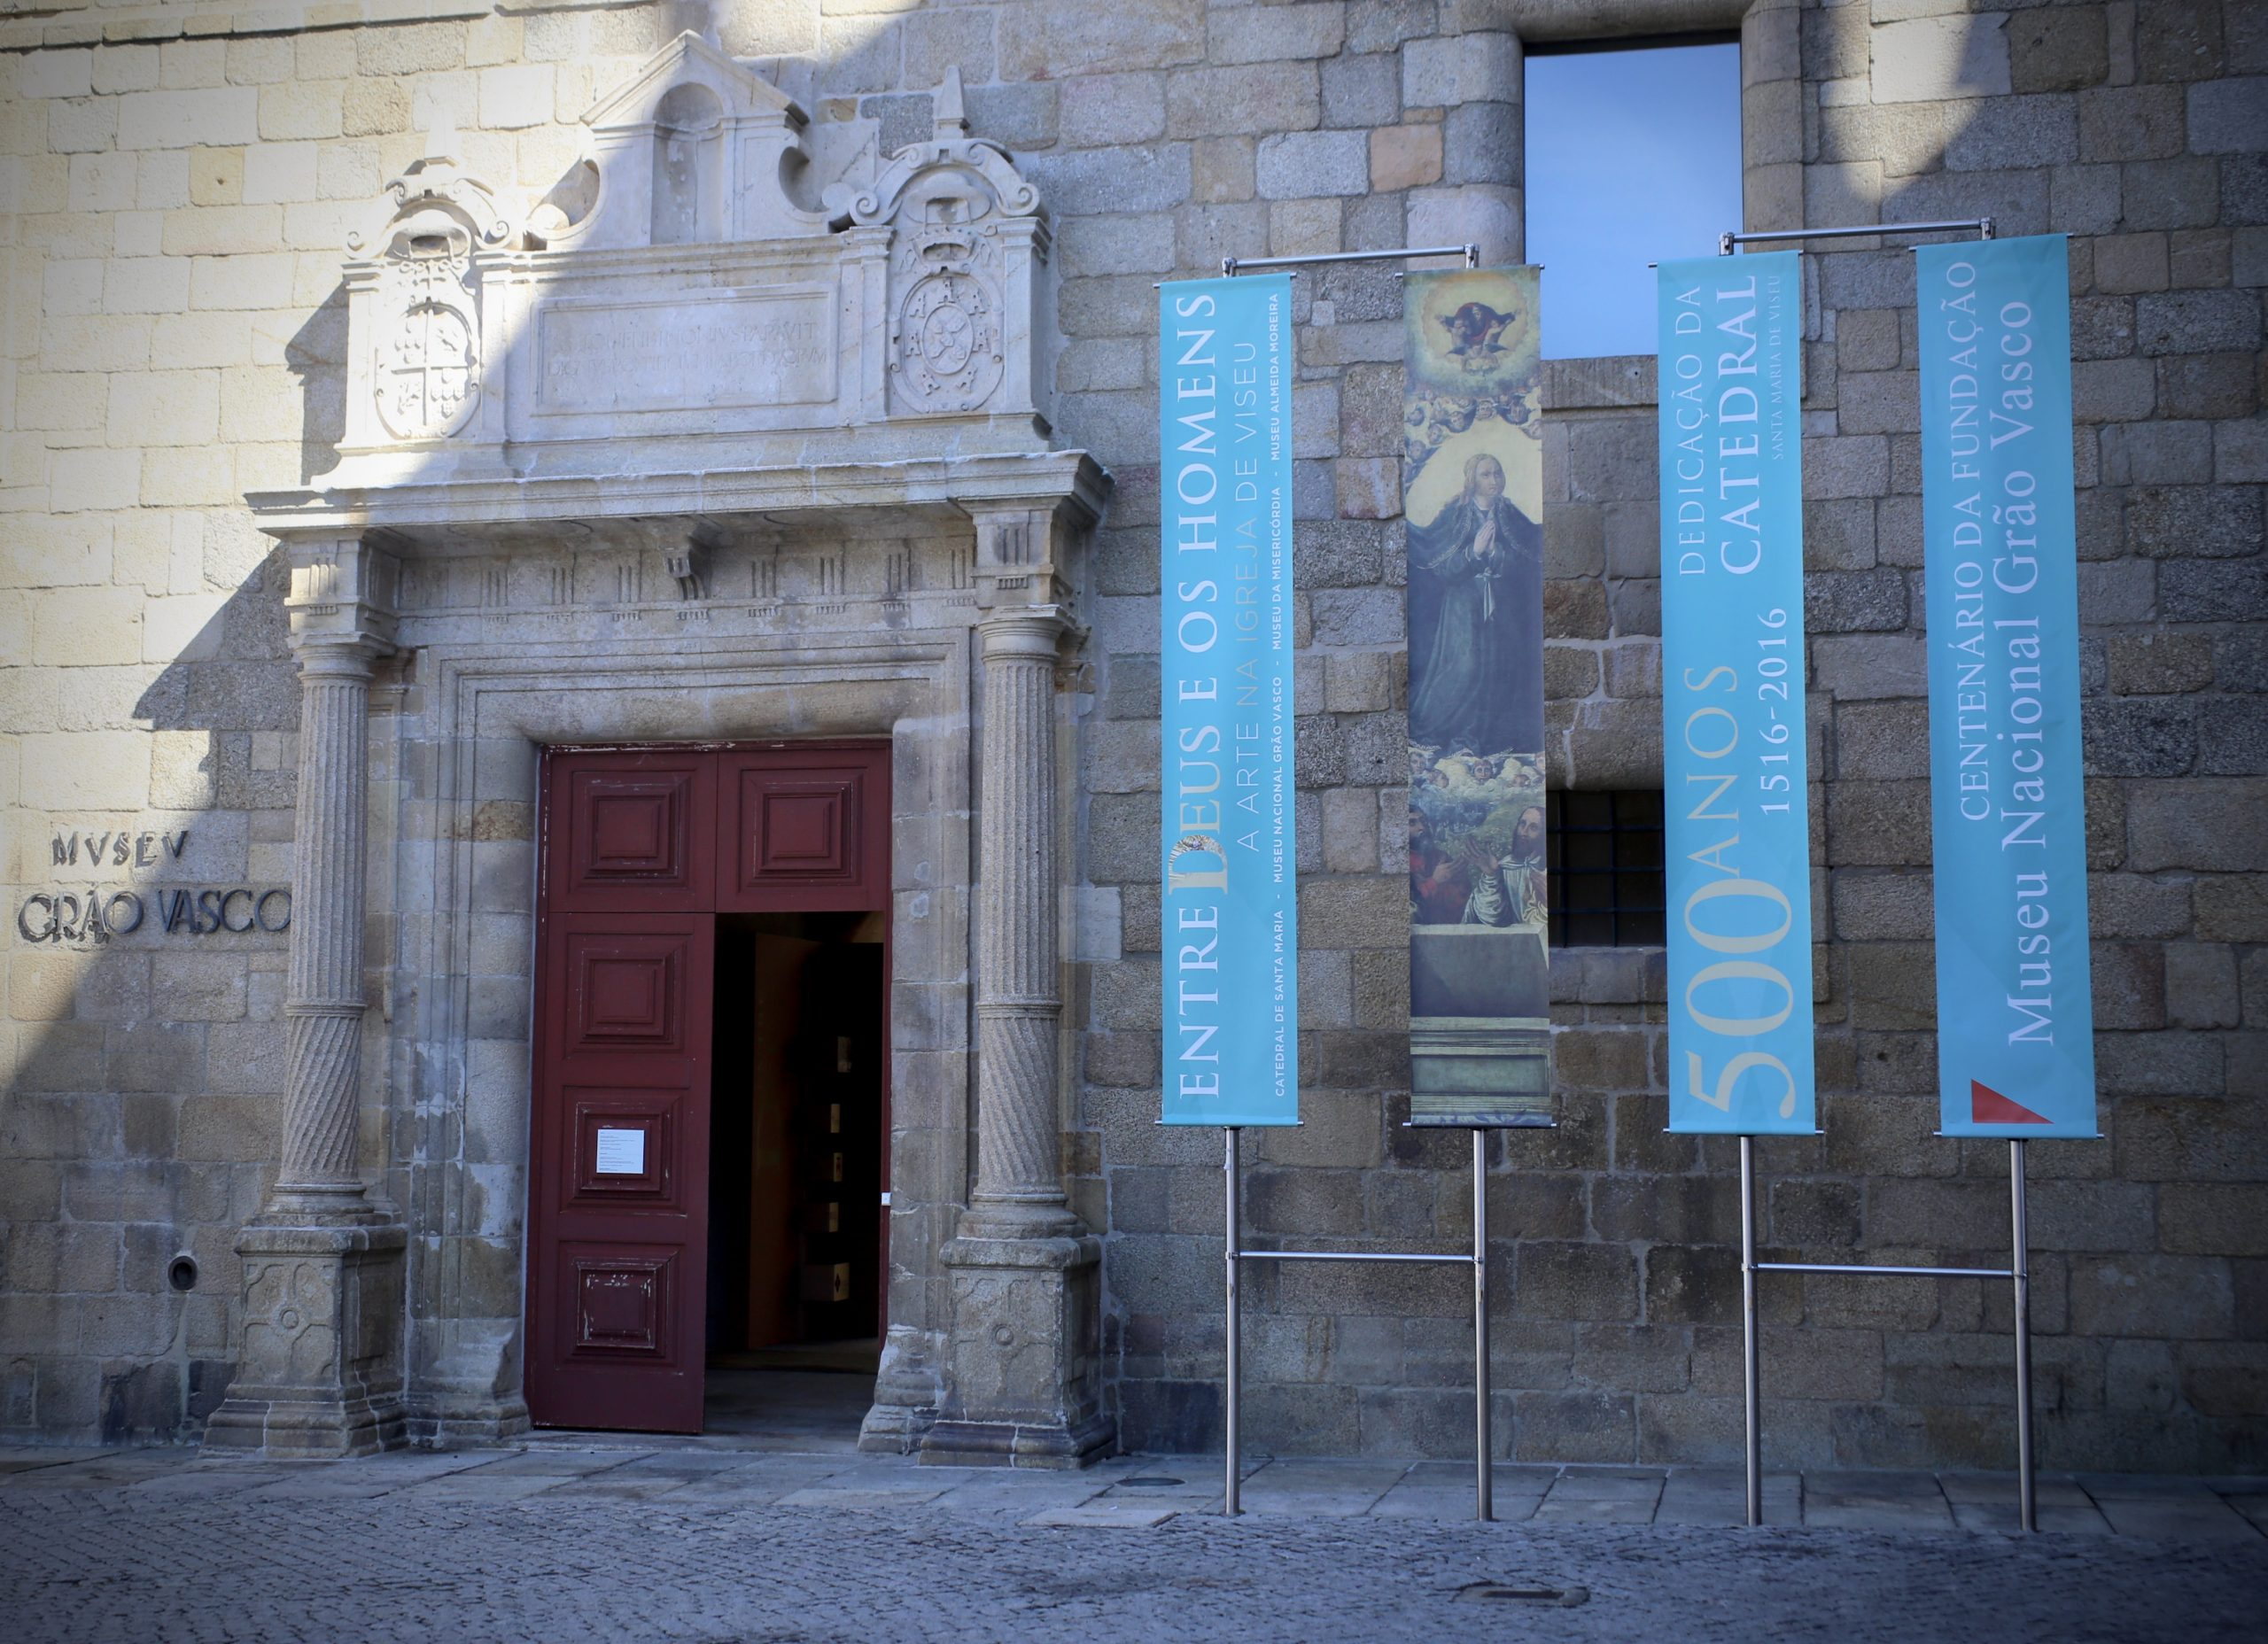 Grão Vasco National Museum, Viseu, Portugal